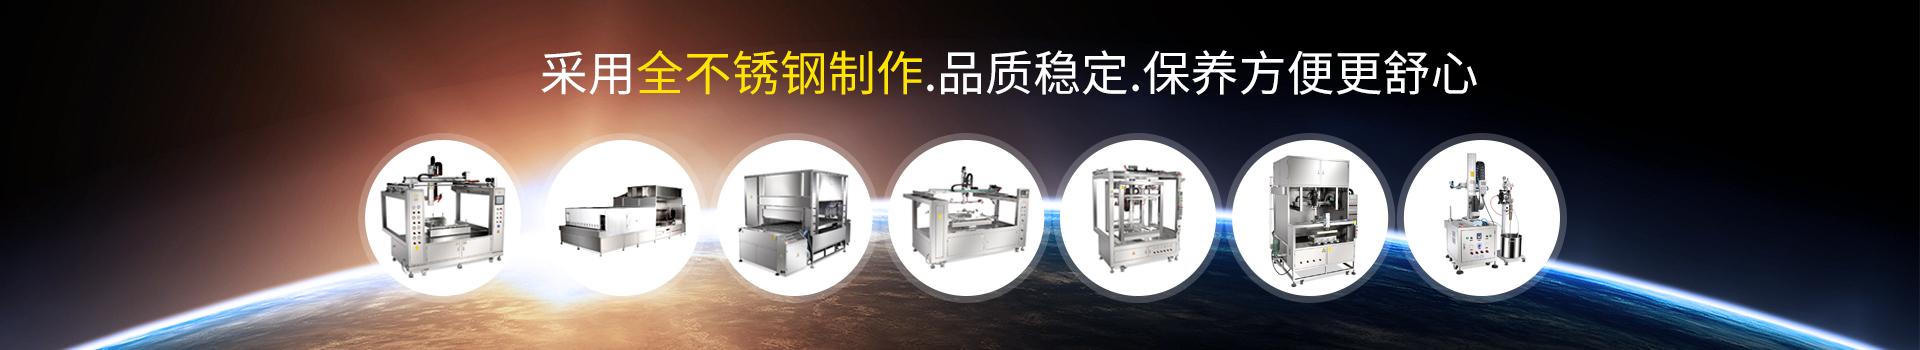 鹏鲲-采用全不锈钢制作 可来样生产定制